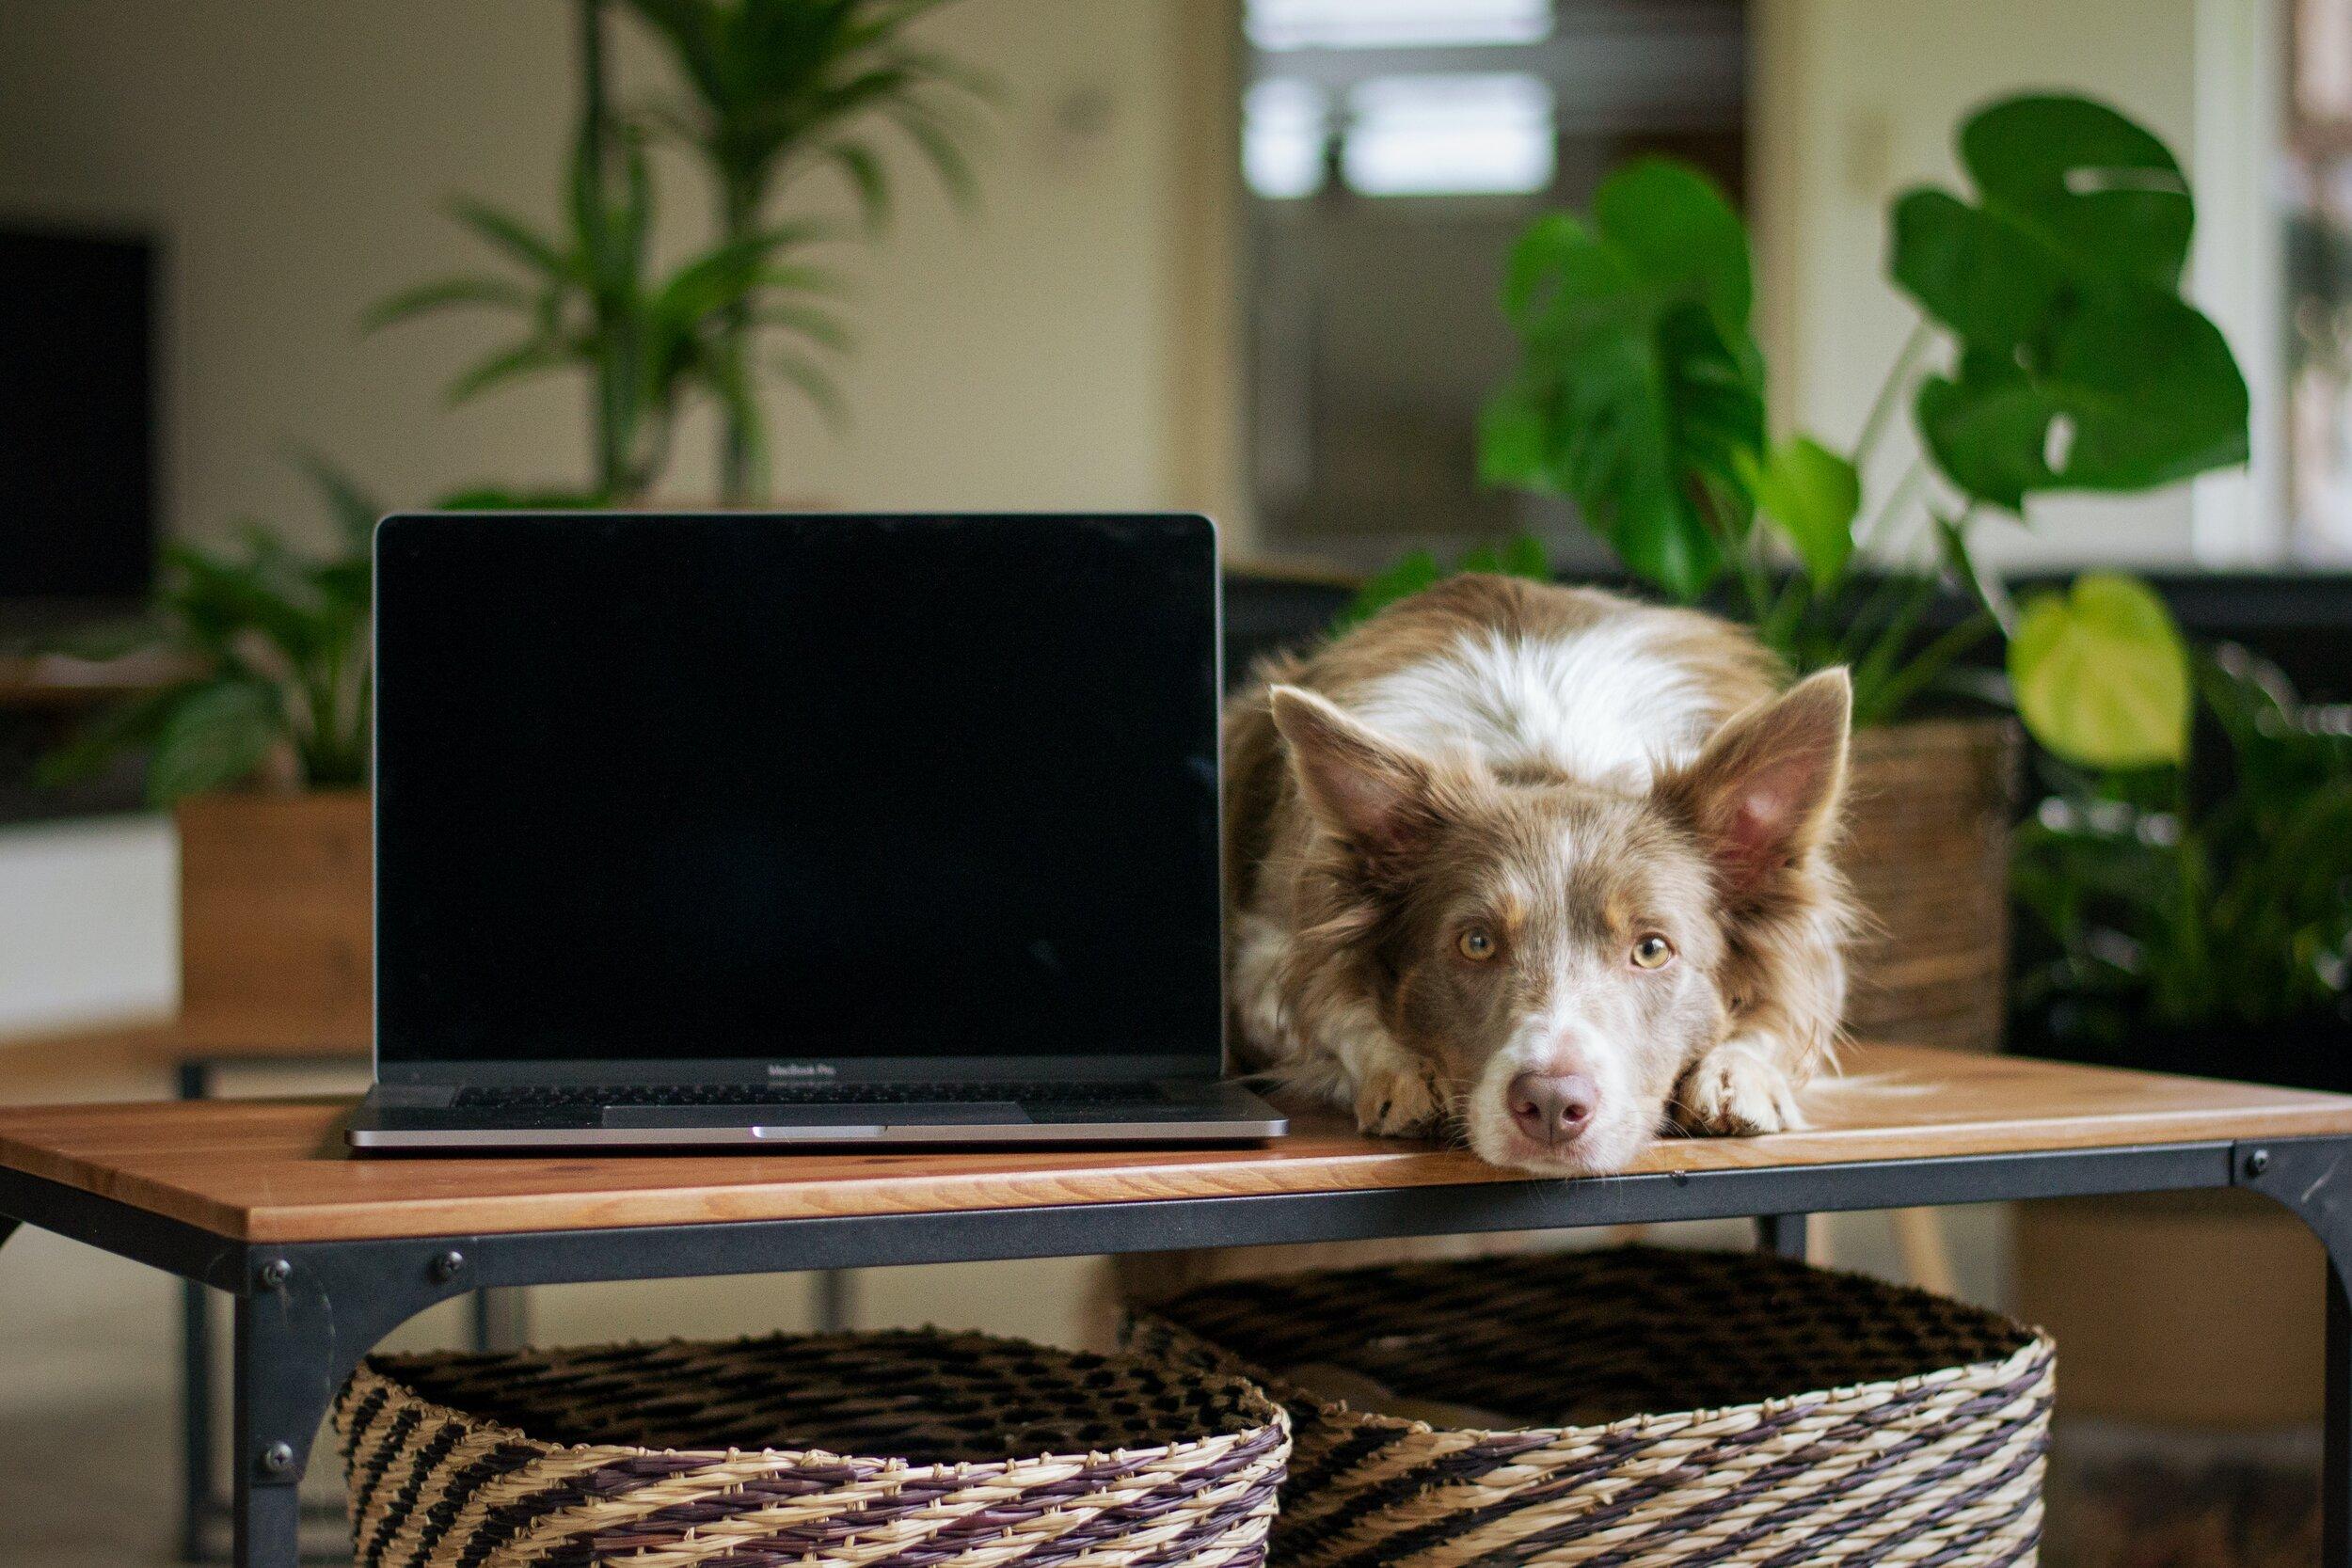 狗在旁边的桌子上躺在膝上型计算机旁边。